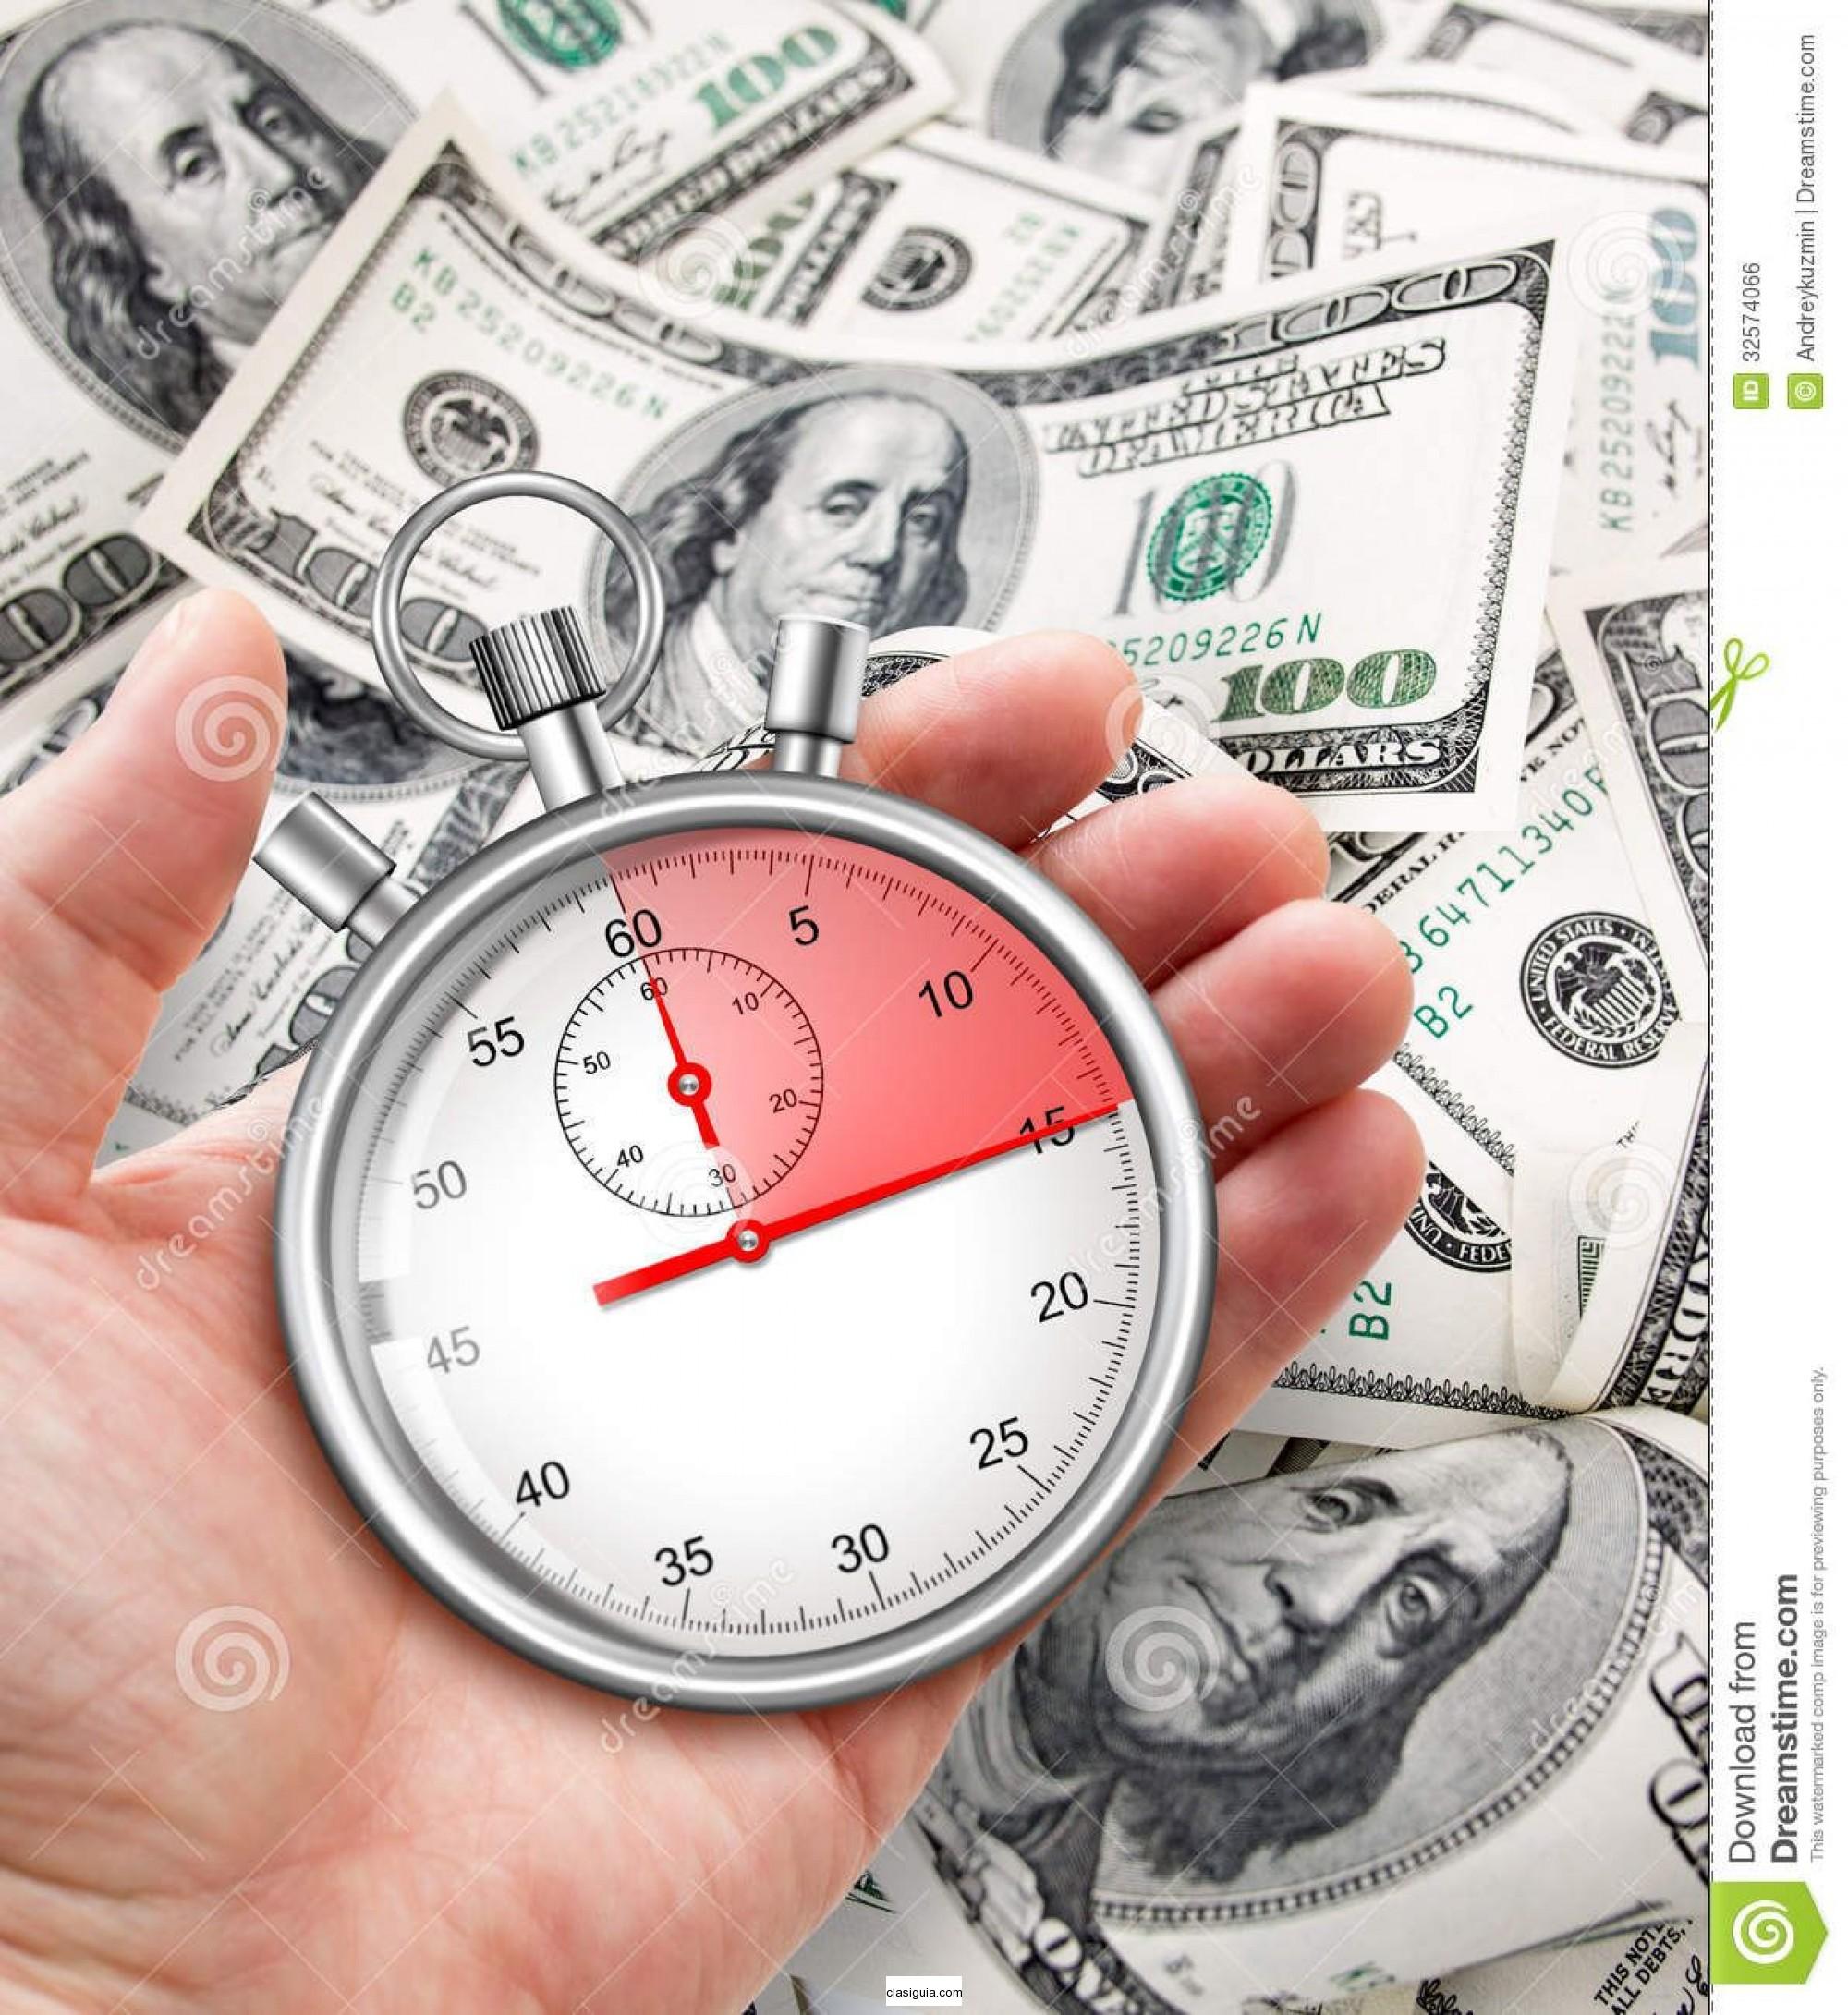 Préstamo de dinero OFERTA EN 72 HORAS